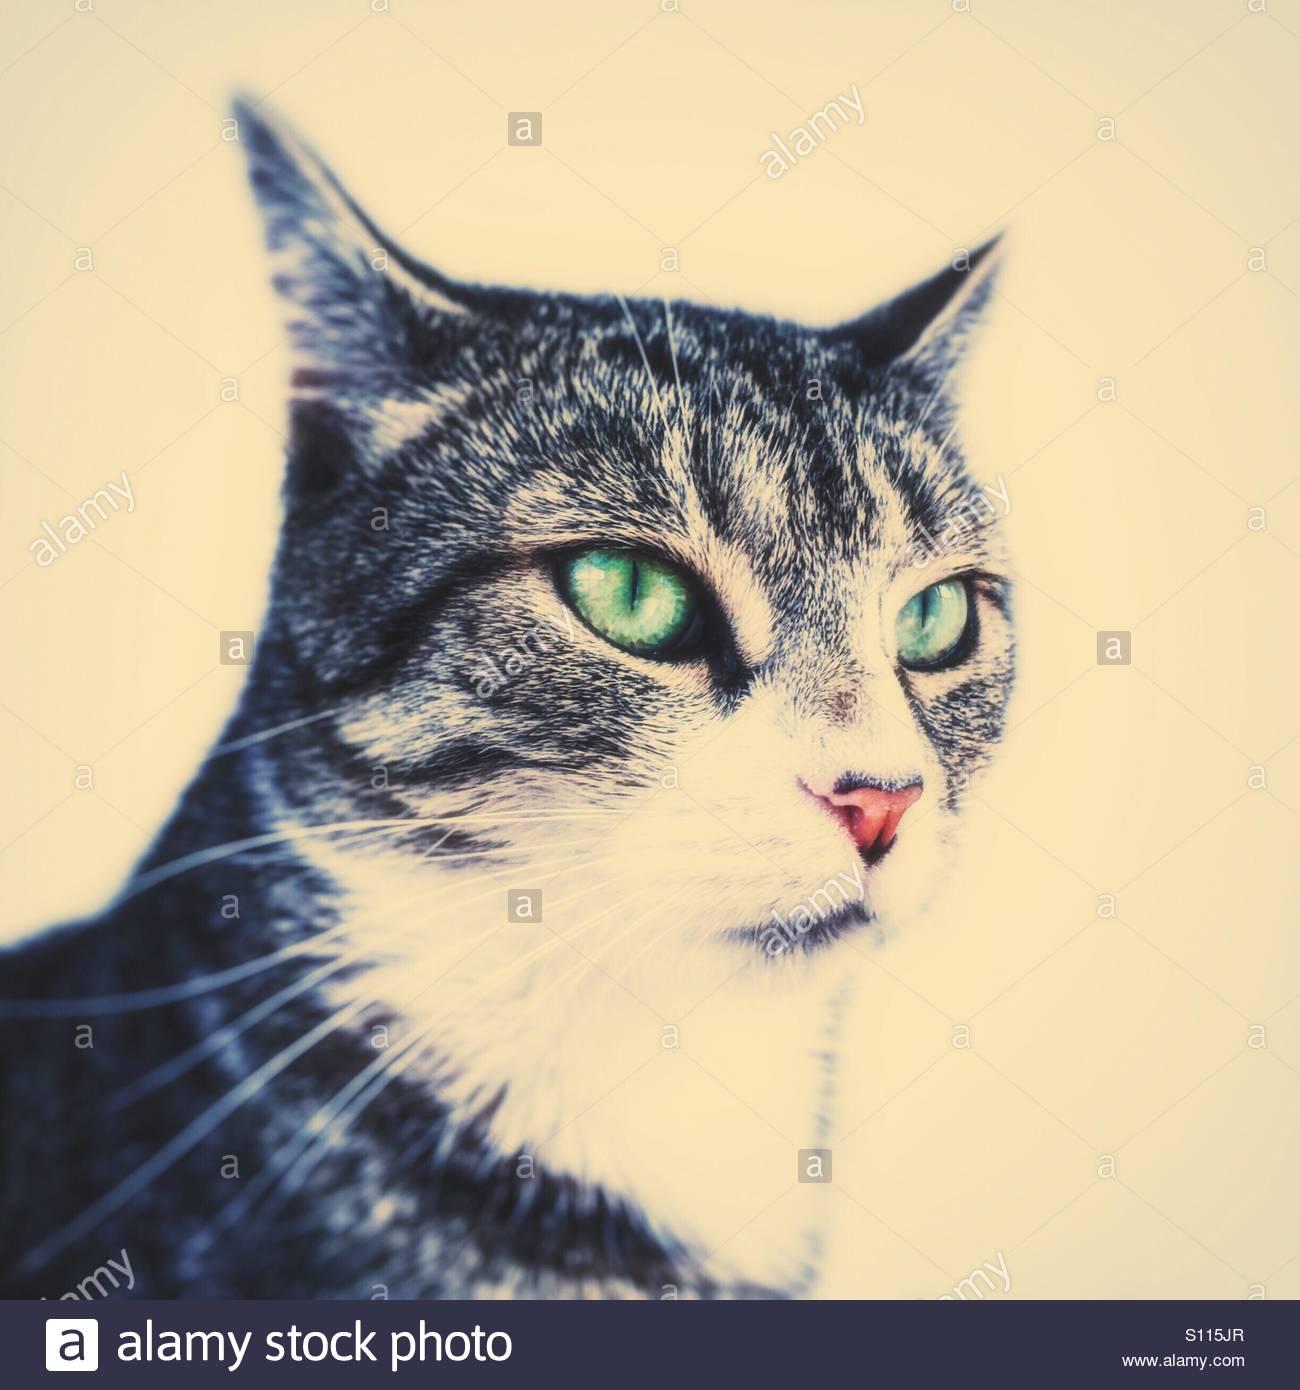 Cat Portrait with 'Pop Art' edit - Stock Image